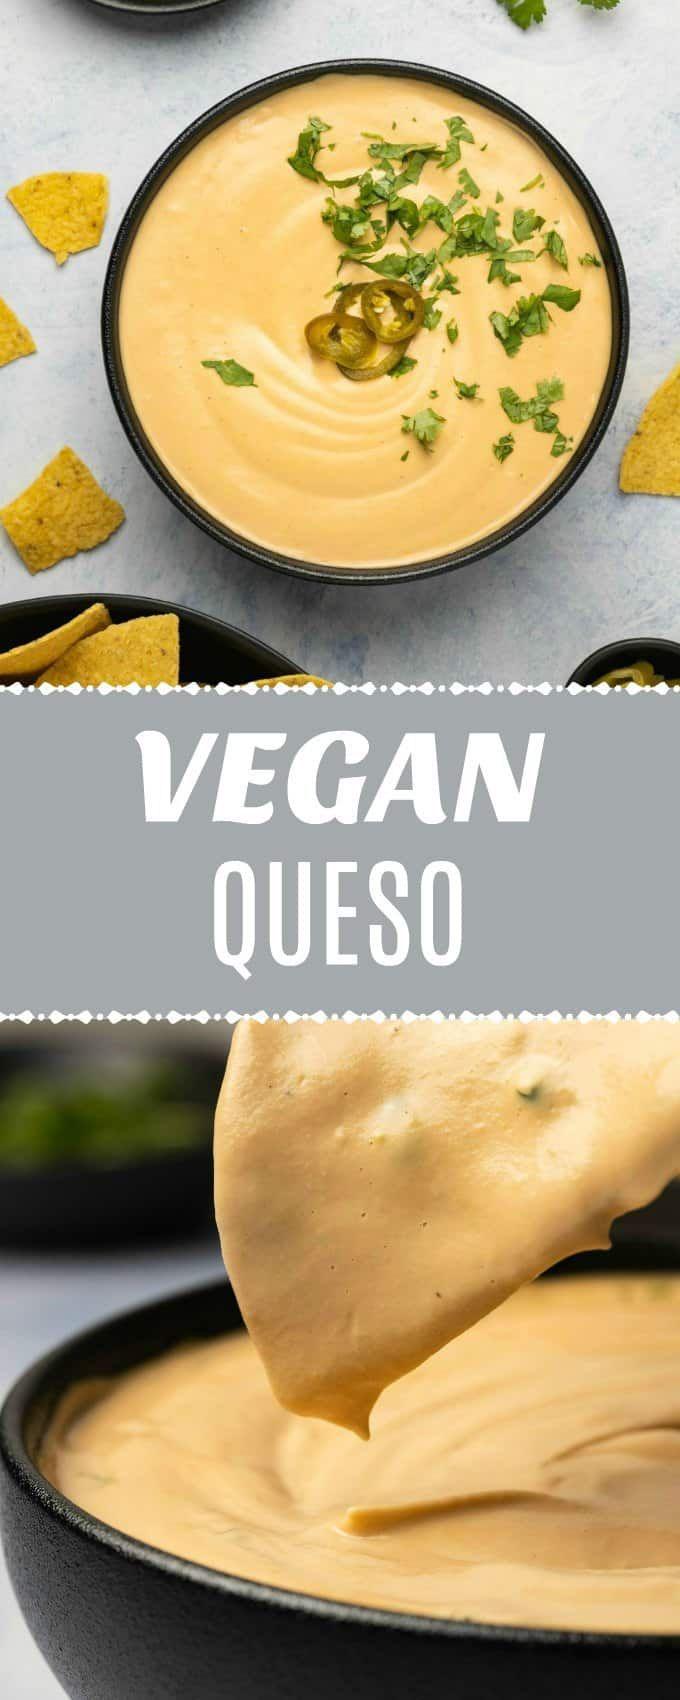 Best Vegan Queso In 2020 Vegan Appetizers Recipes Vegan Comfort Food Vegan Recipes Healthy